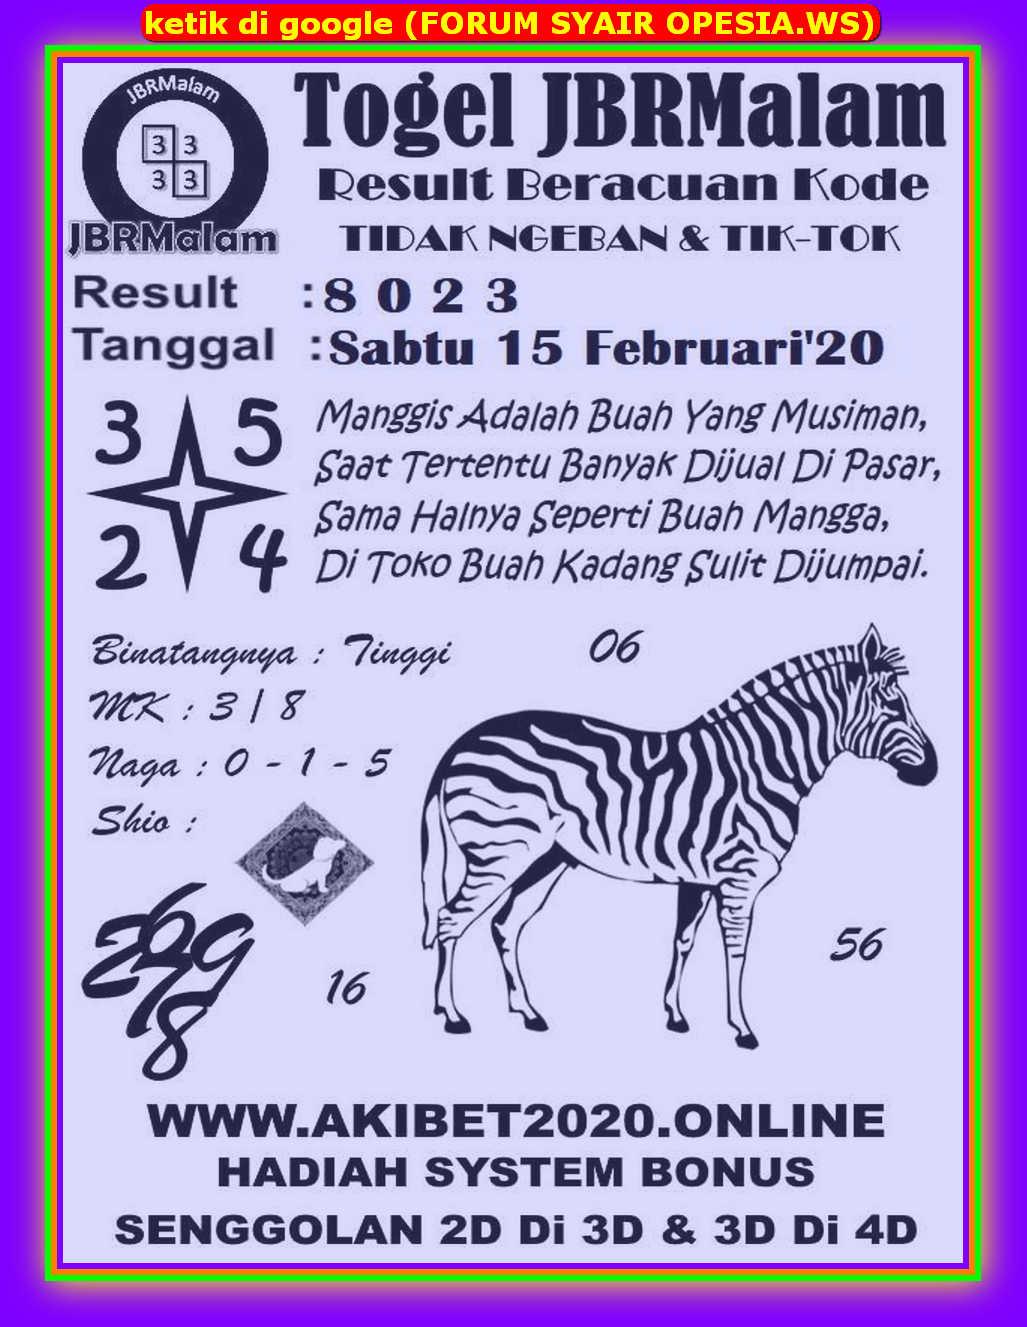 Kode syair Singapore Sabtu 15 Februari 2020 91